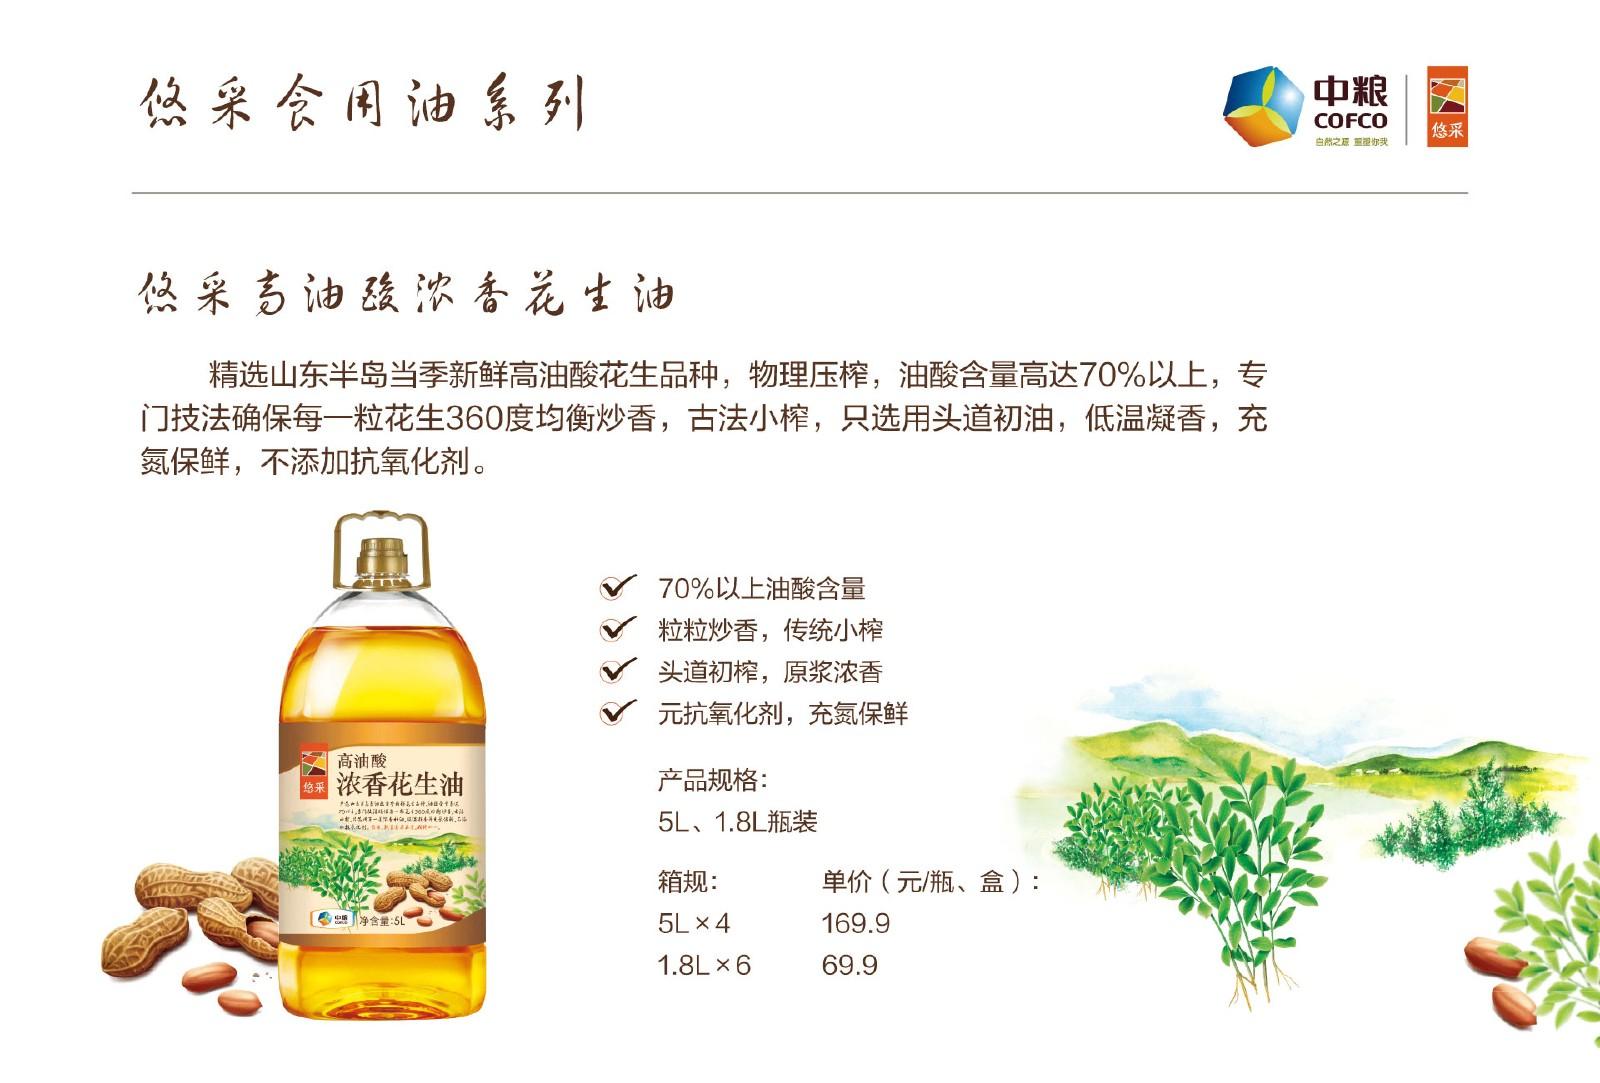 悠采新上市产品介绍(1)-3.jpg